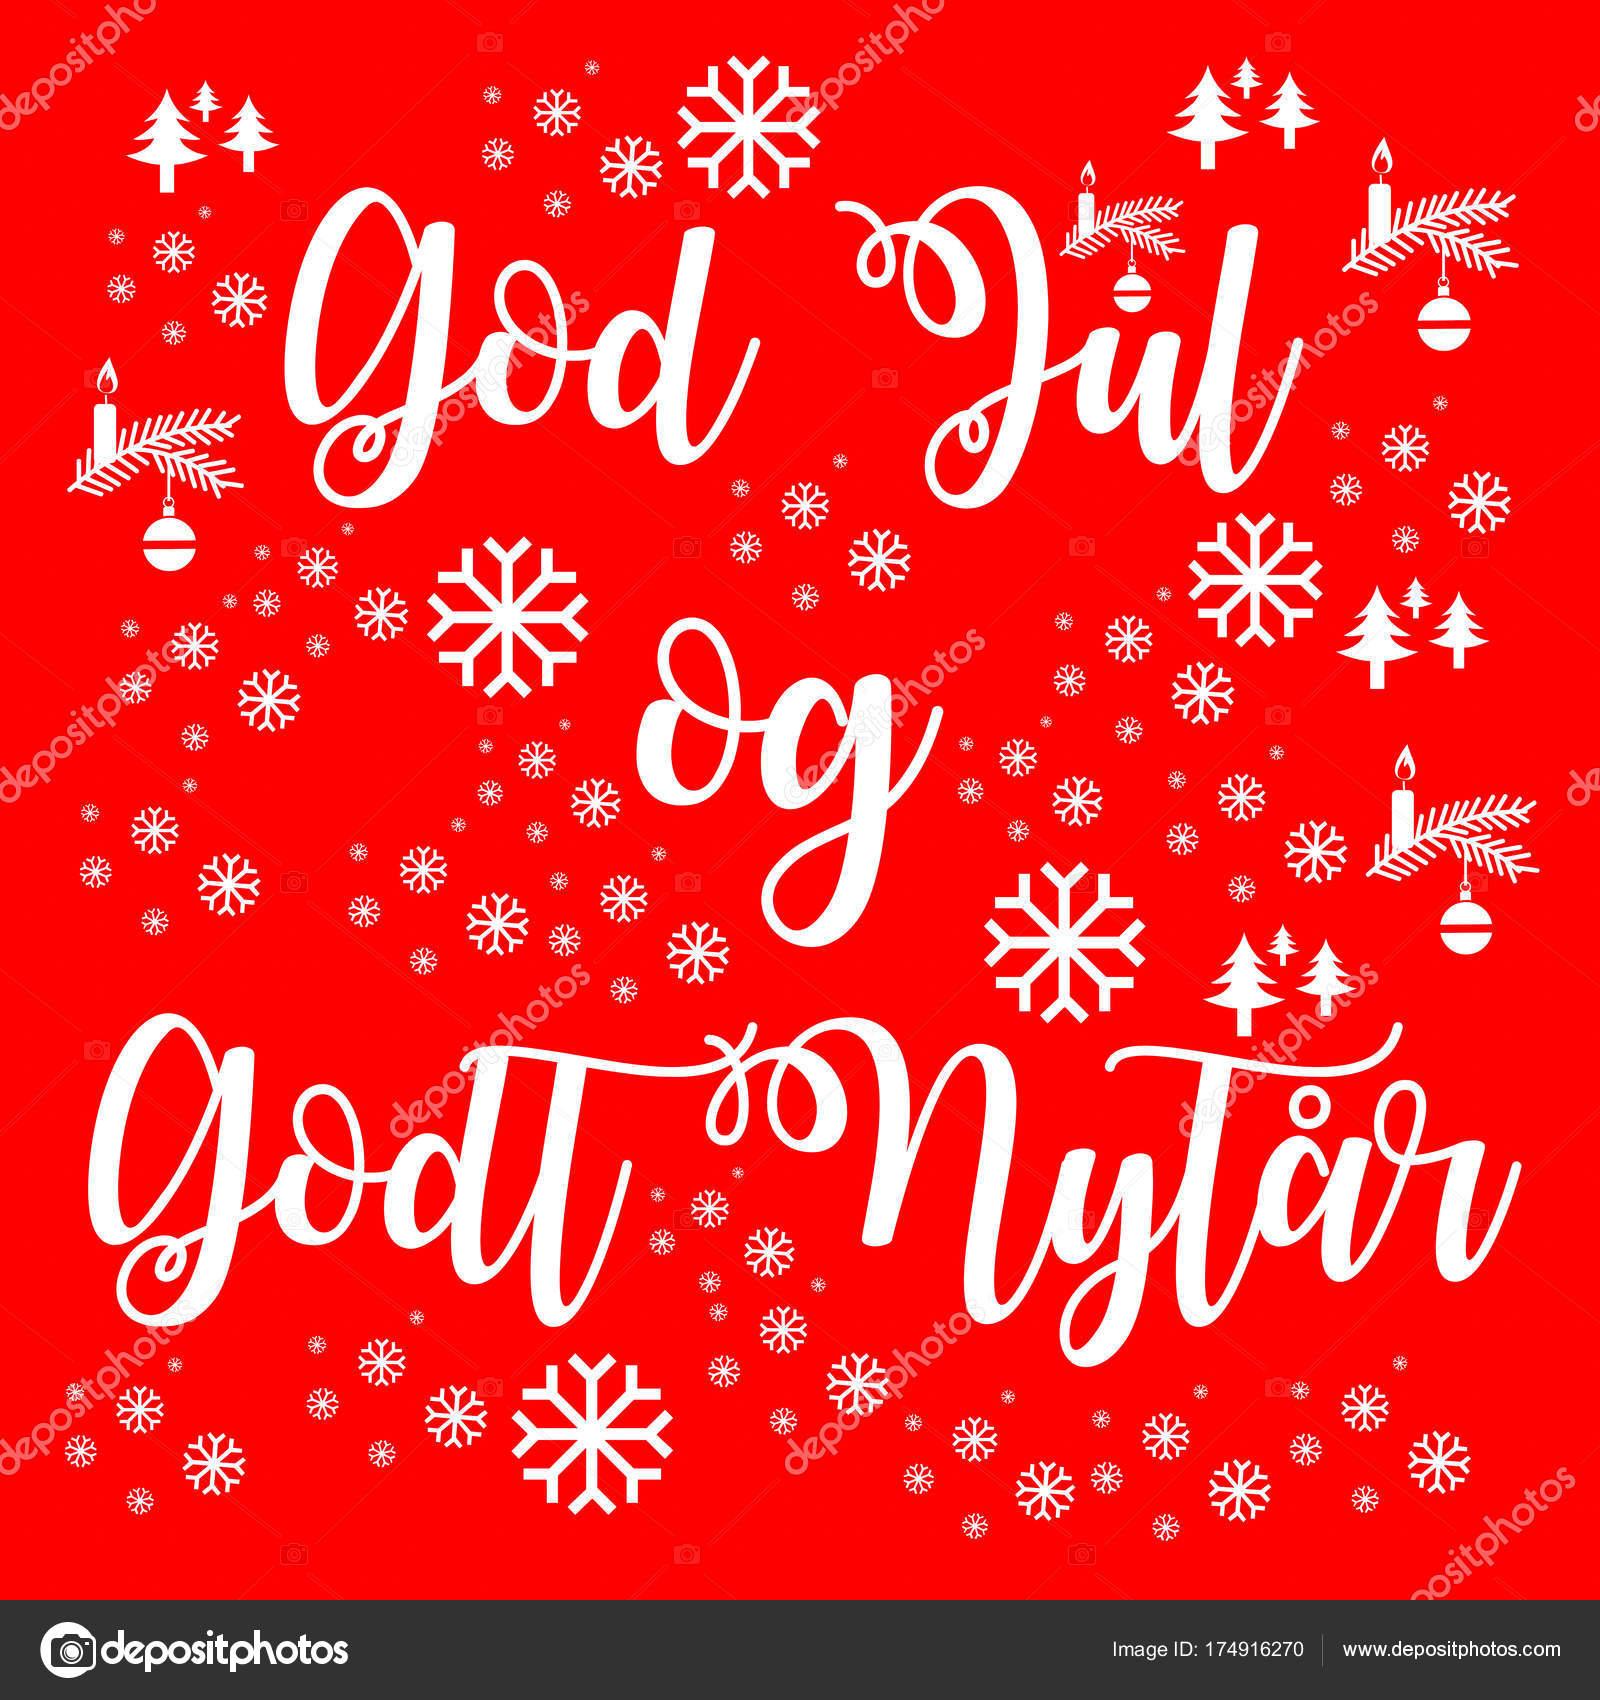 Merry christmas happy new year danish stock photo ricochet69 merry christmas happy new year danish stock photo m4hsunfo